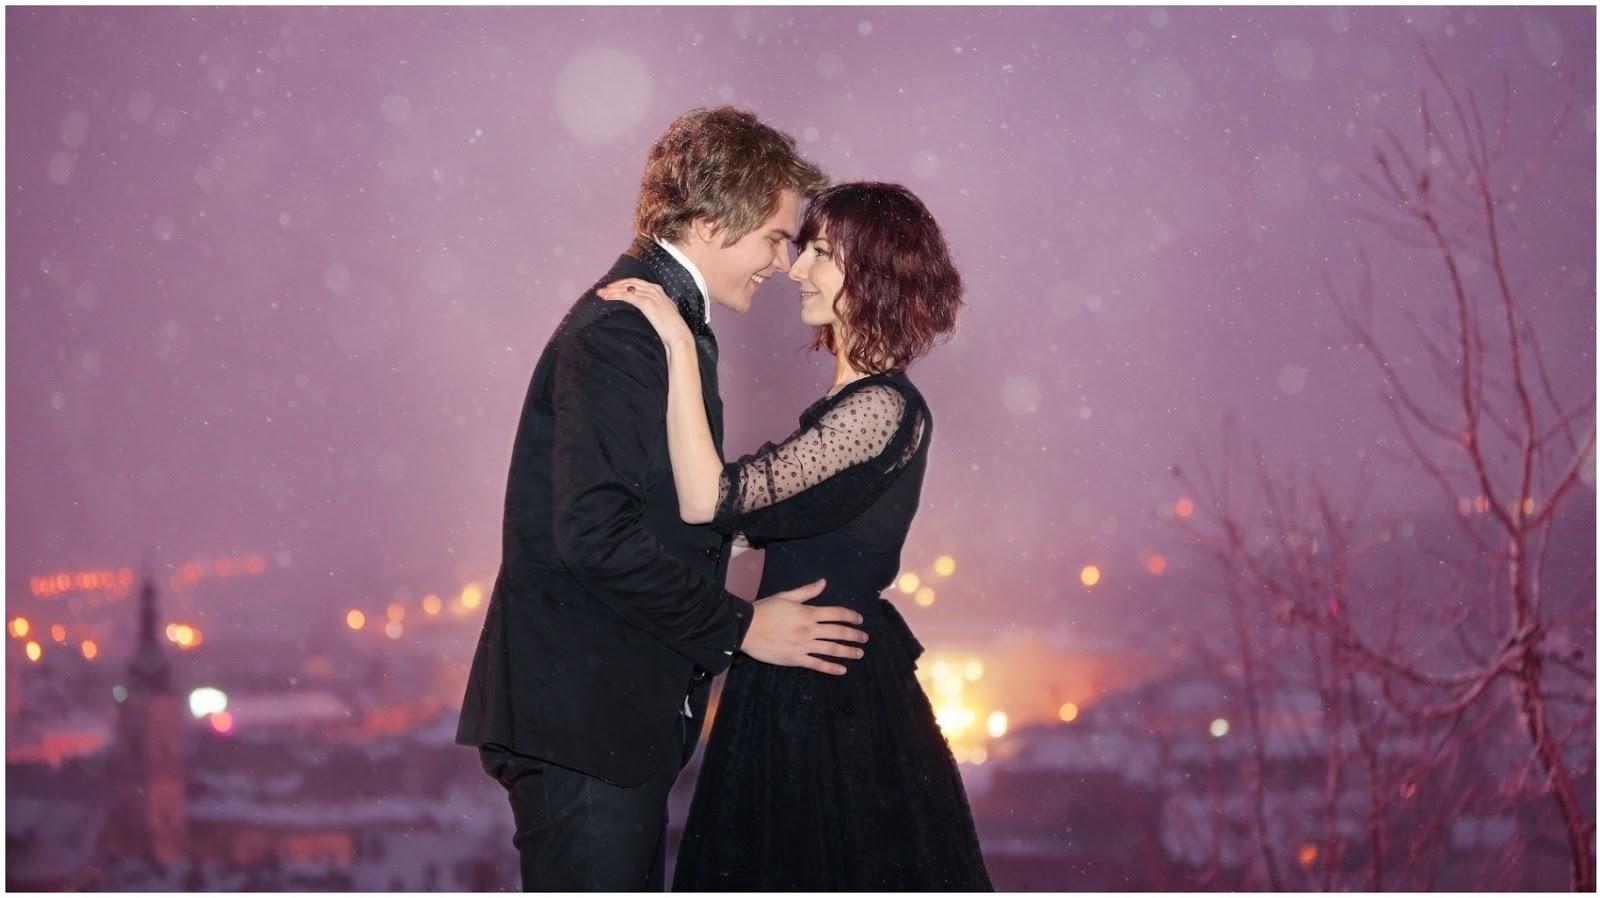 بالصور صور حب جديده , اجمل الصور واجددها عن الحب 415 3